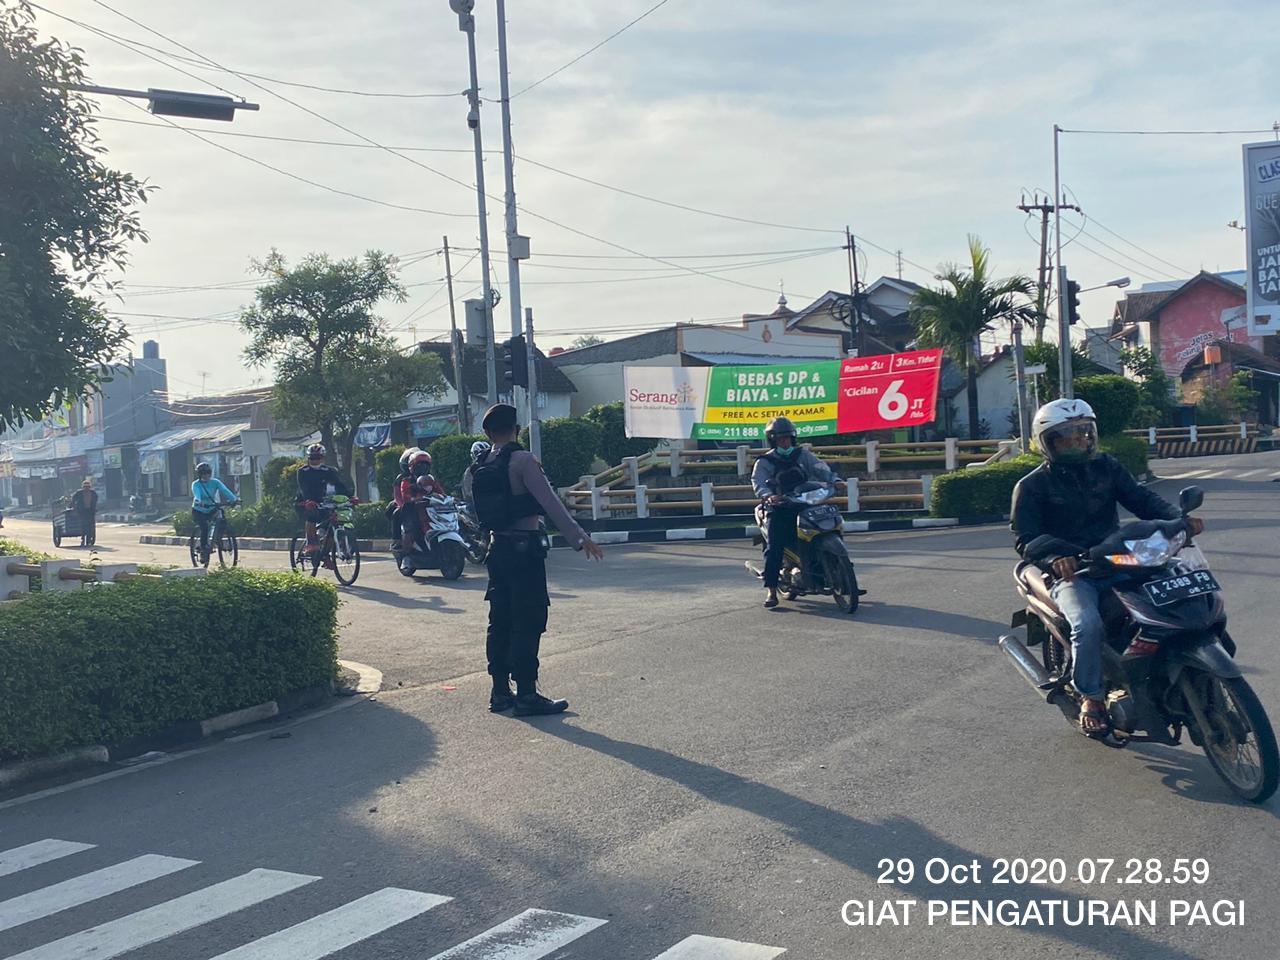 Personel Ditsamapta Polda Banten Rutin Melakukan Pengaturan Lalu Lintas